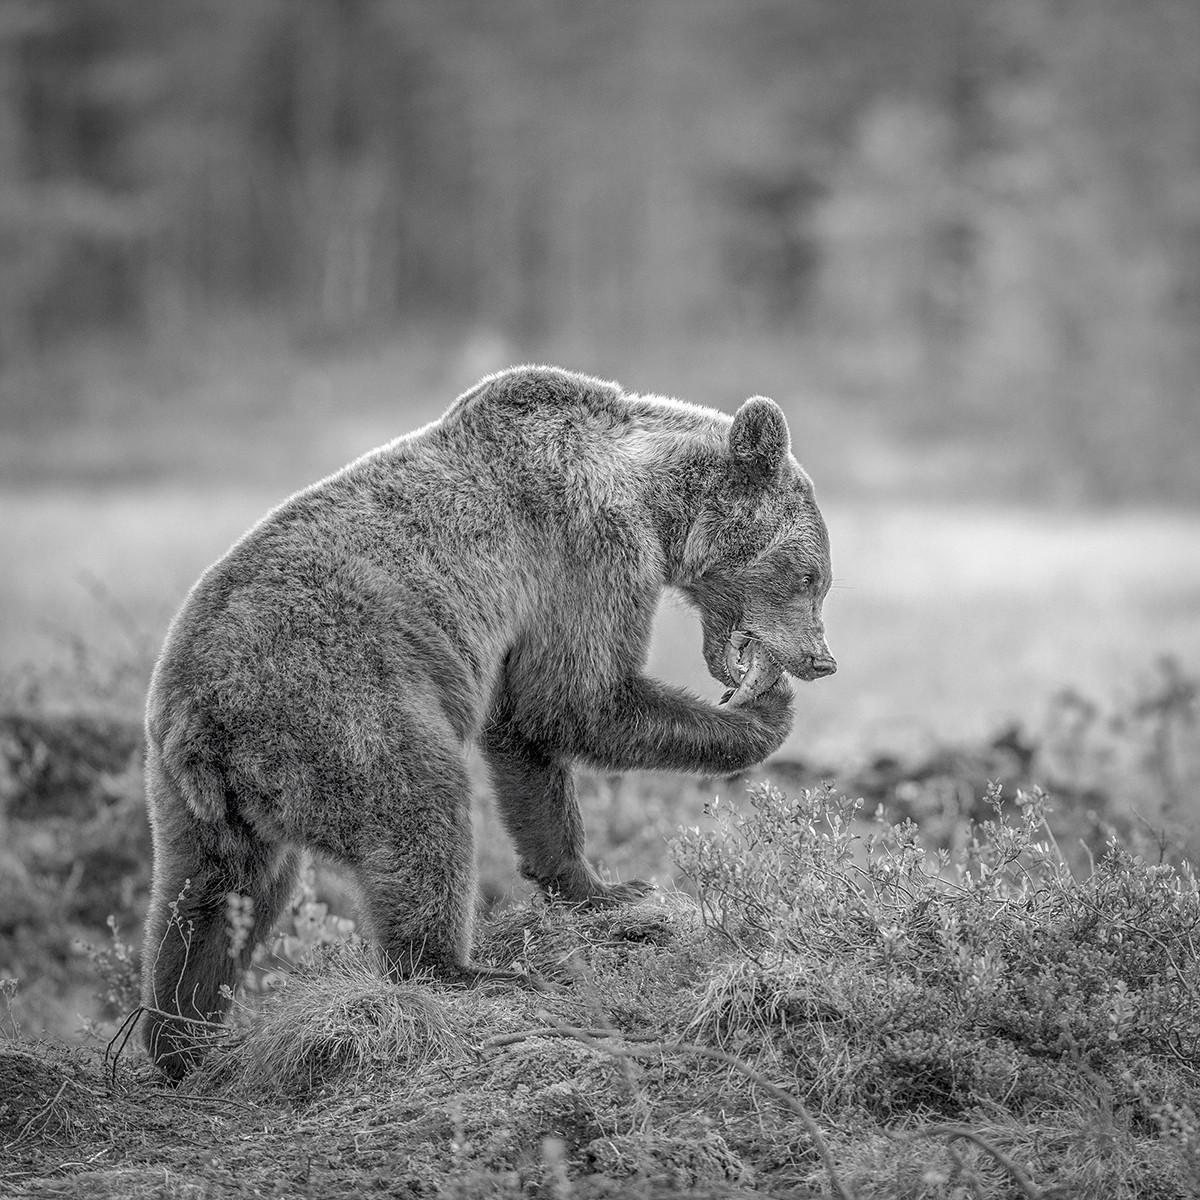 MONO - Little Brown Bear by Pamela Wilson (12 marks)